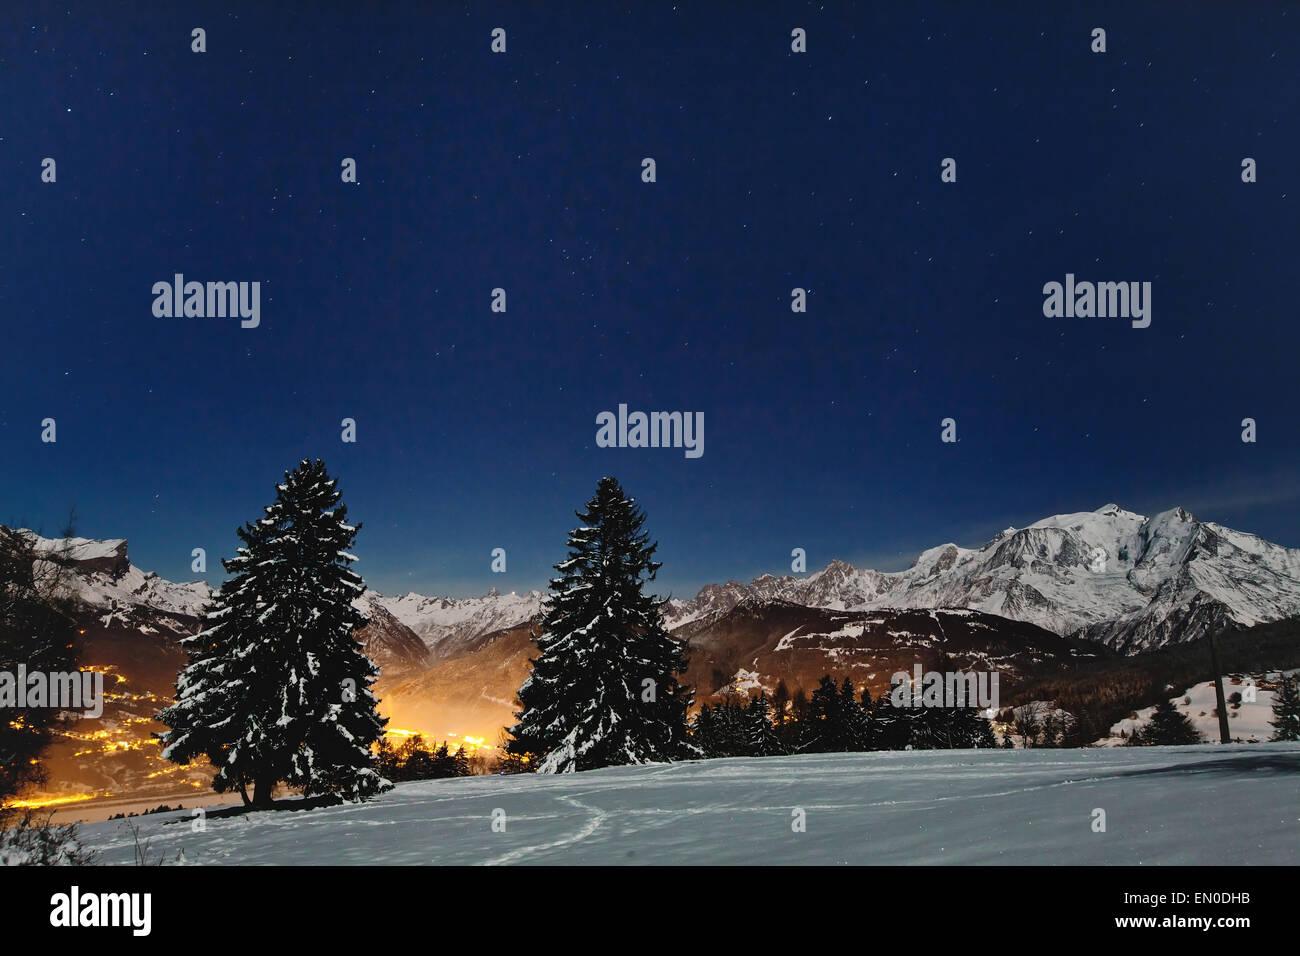 schöne Weihnachten Landschaft mit Nacht-Sternen im blauen ...